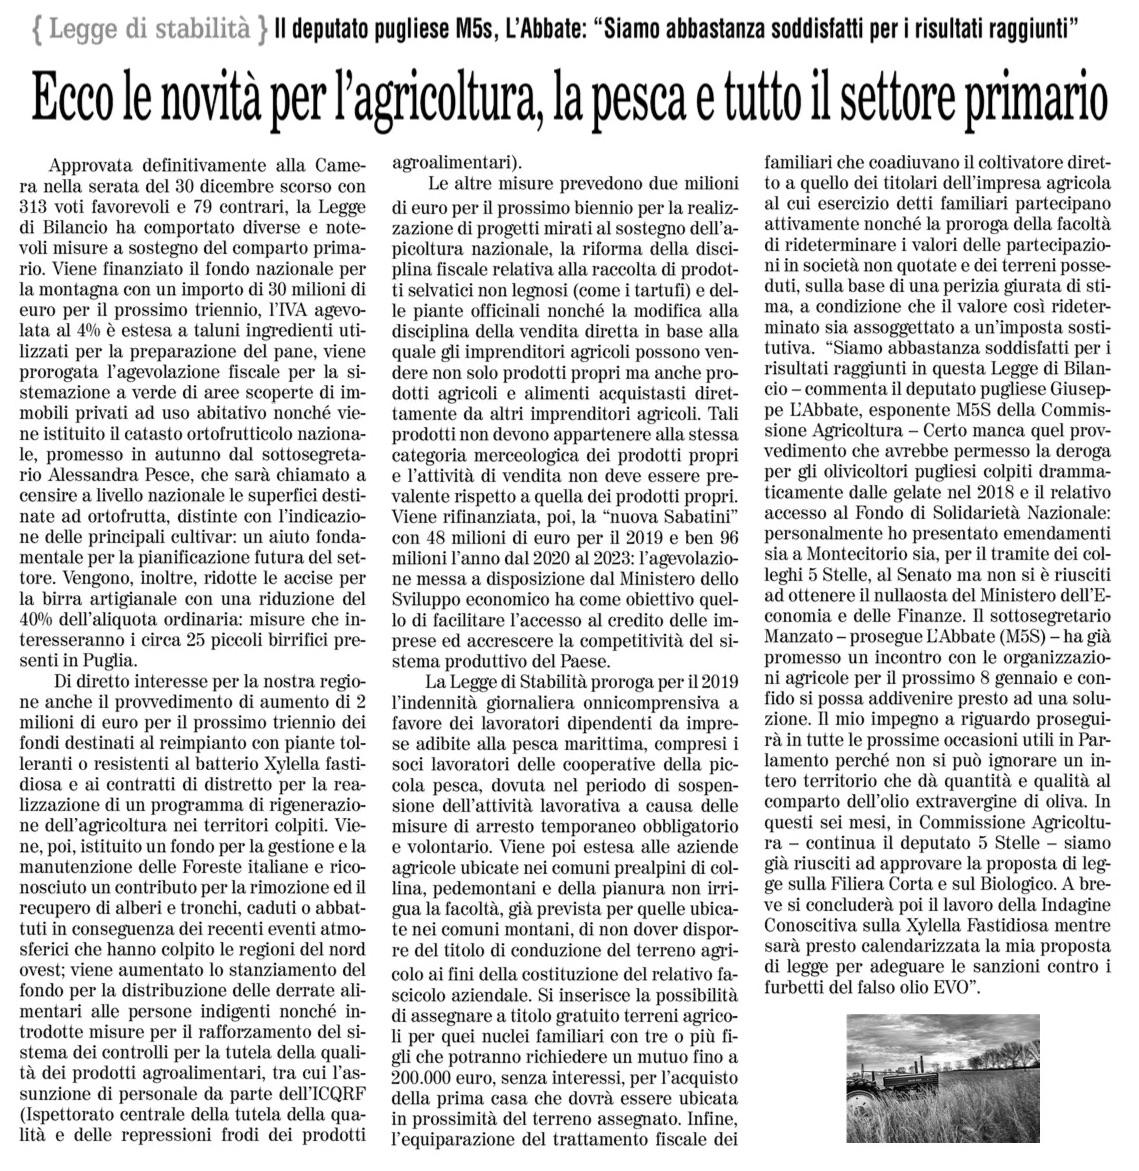 Quotidiano di Foggia - 03.01.2019